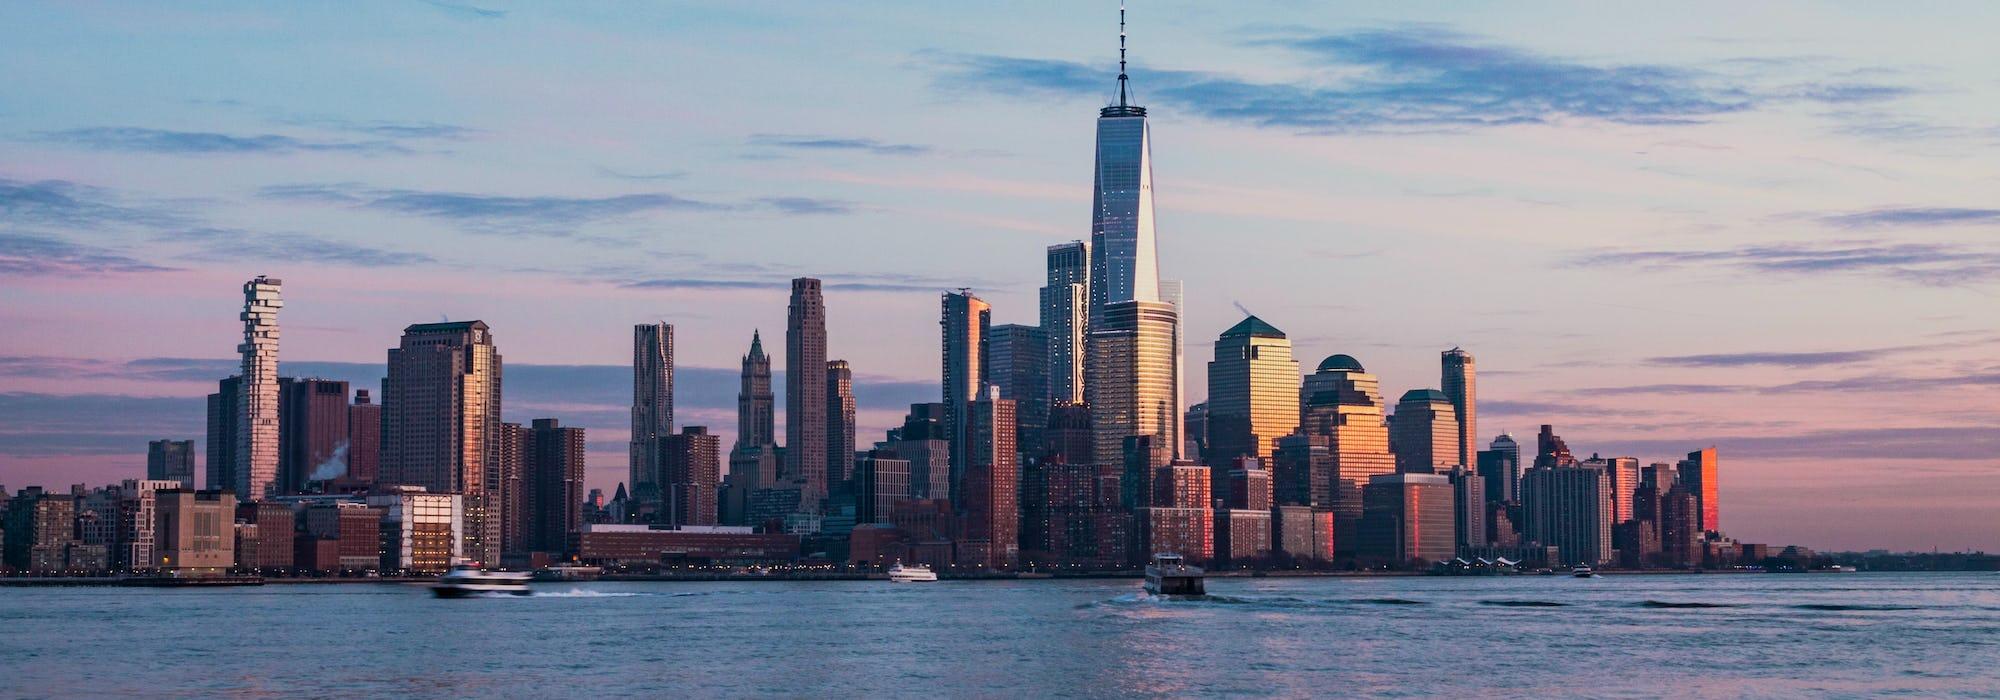 Manhattan i New Yorks skyskrapor uppenbarar sig ur vattnet.